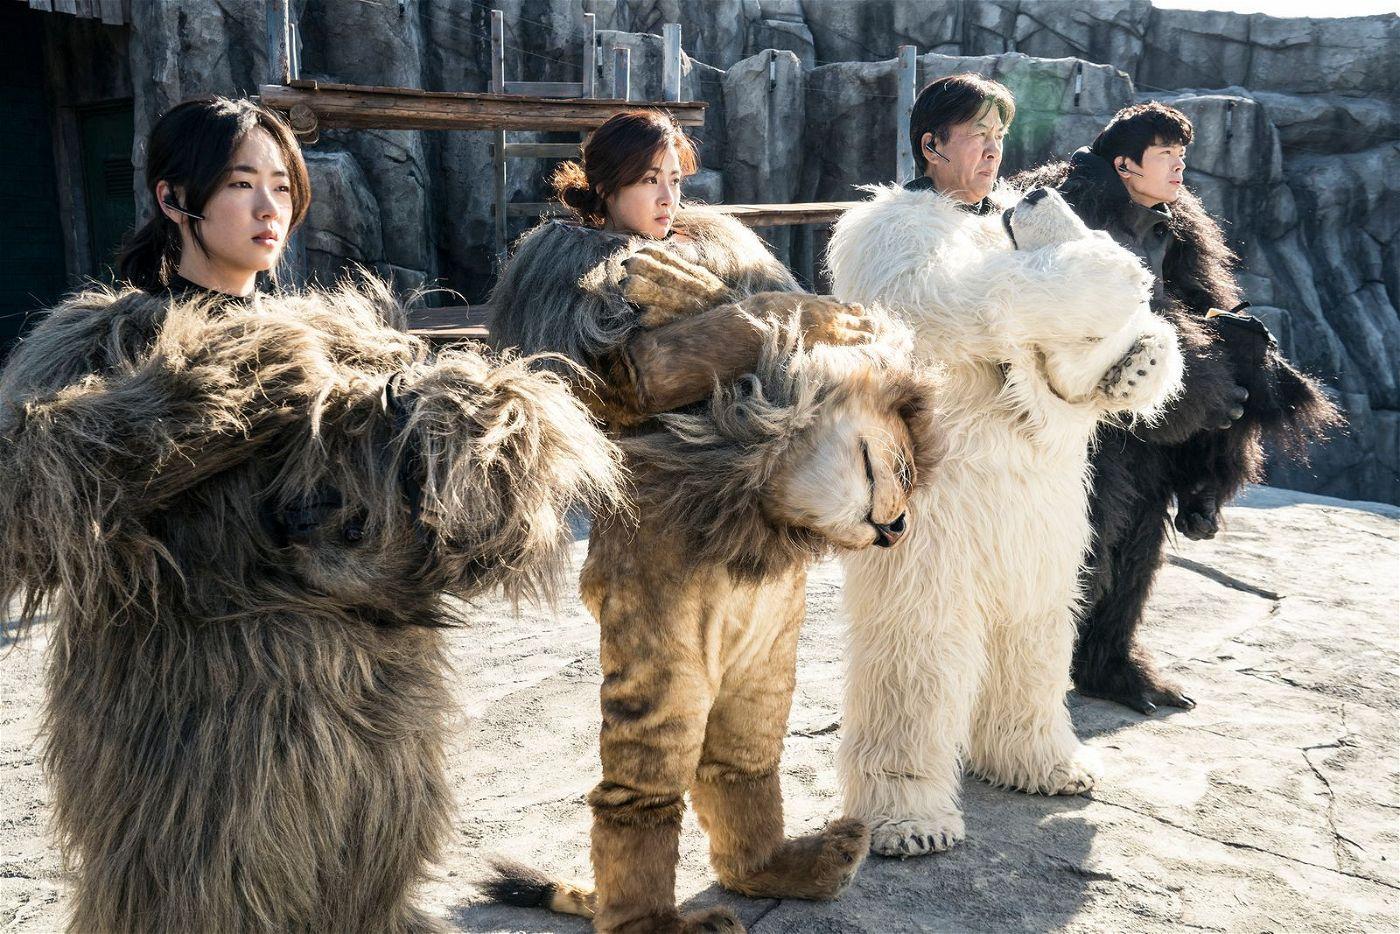 Die Mitarbeiter des Zoos schlüpfen probeweise in ihre Kostüme.